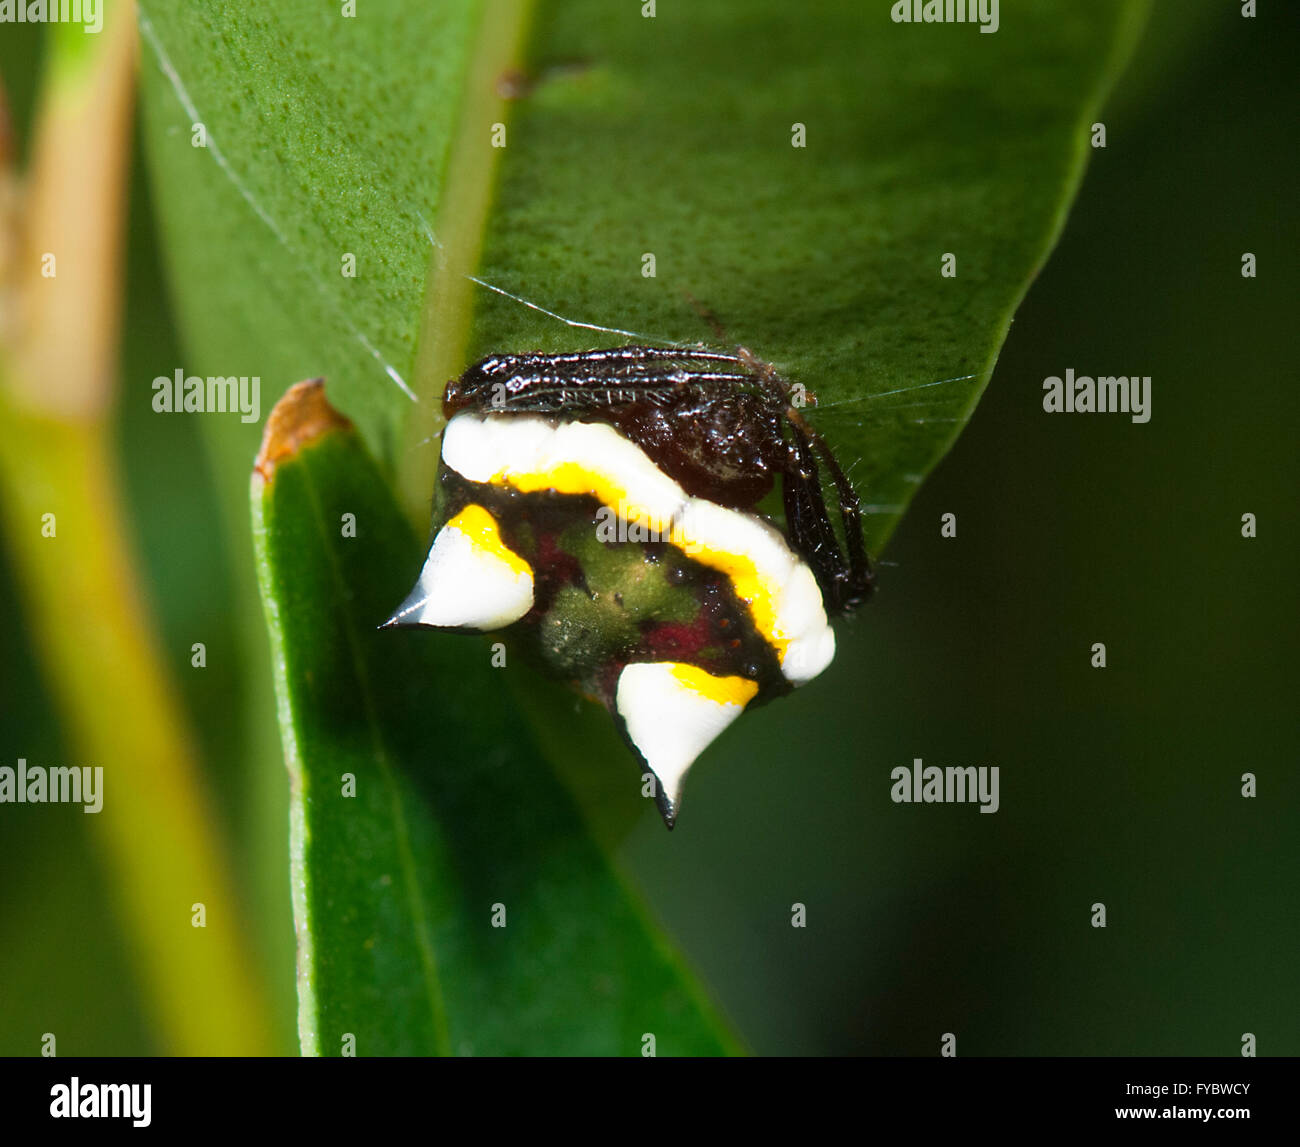 Due-spined Spider (Poecilopachys australasia), Nuovo Galles del Sud, Australia Immagini Stock